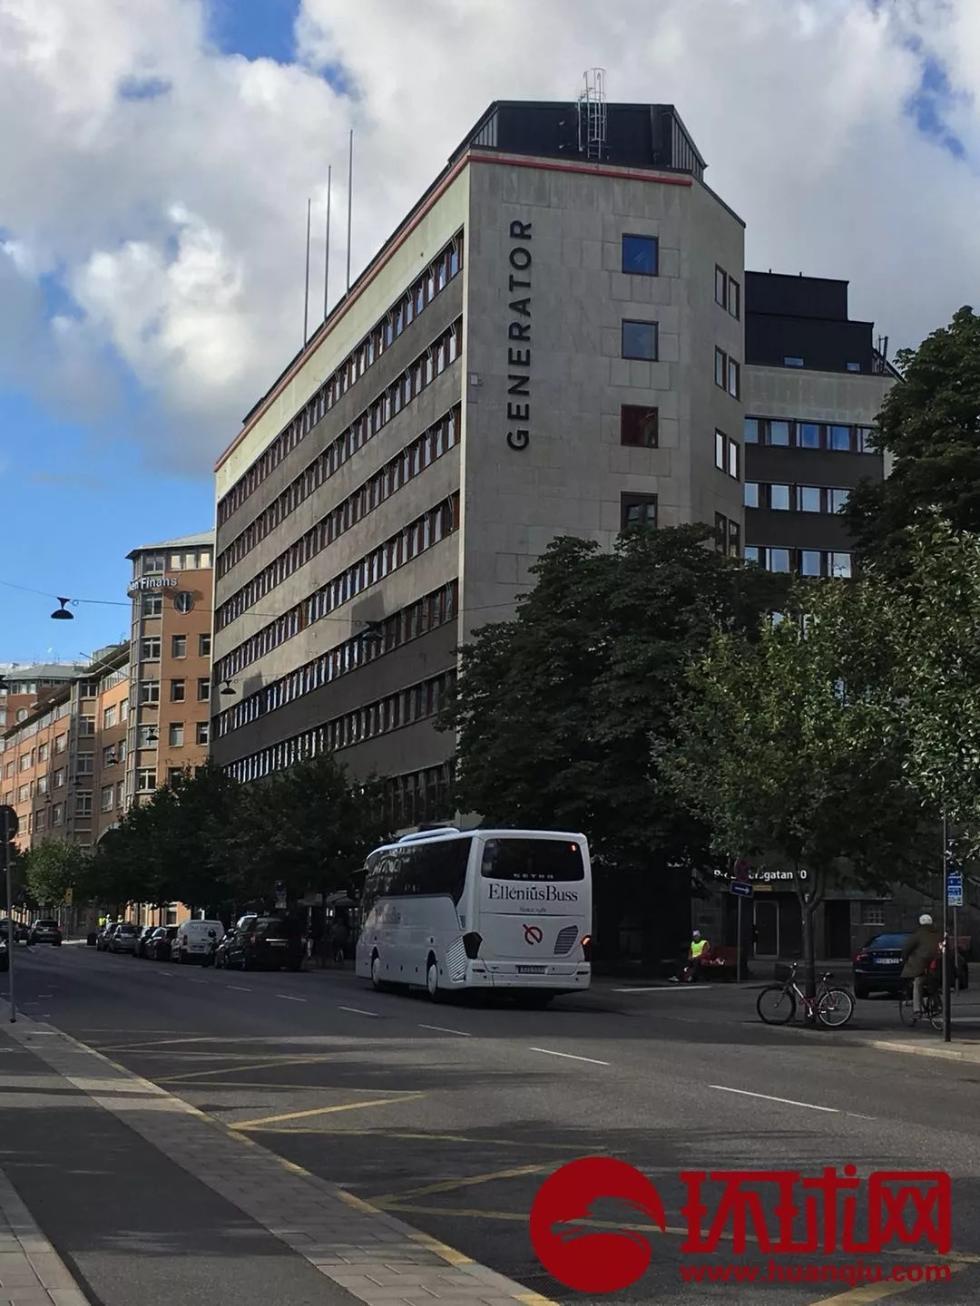 中国游客被粗暴对待?瑞典检方:警察未实施犯罪行为